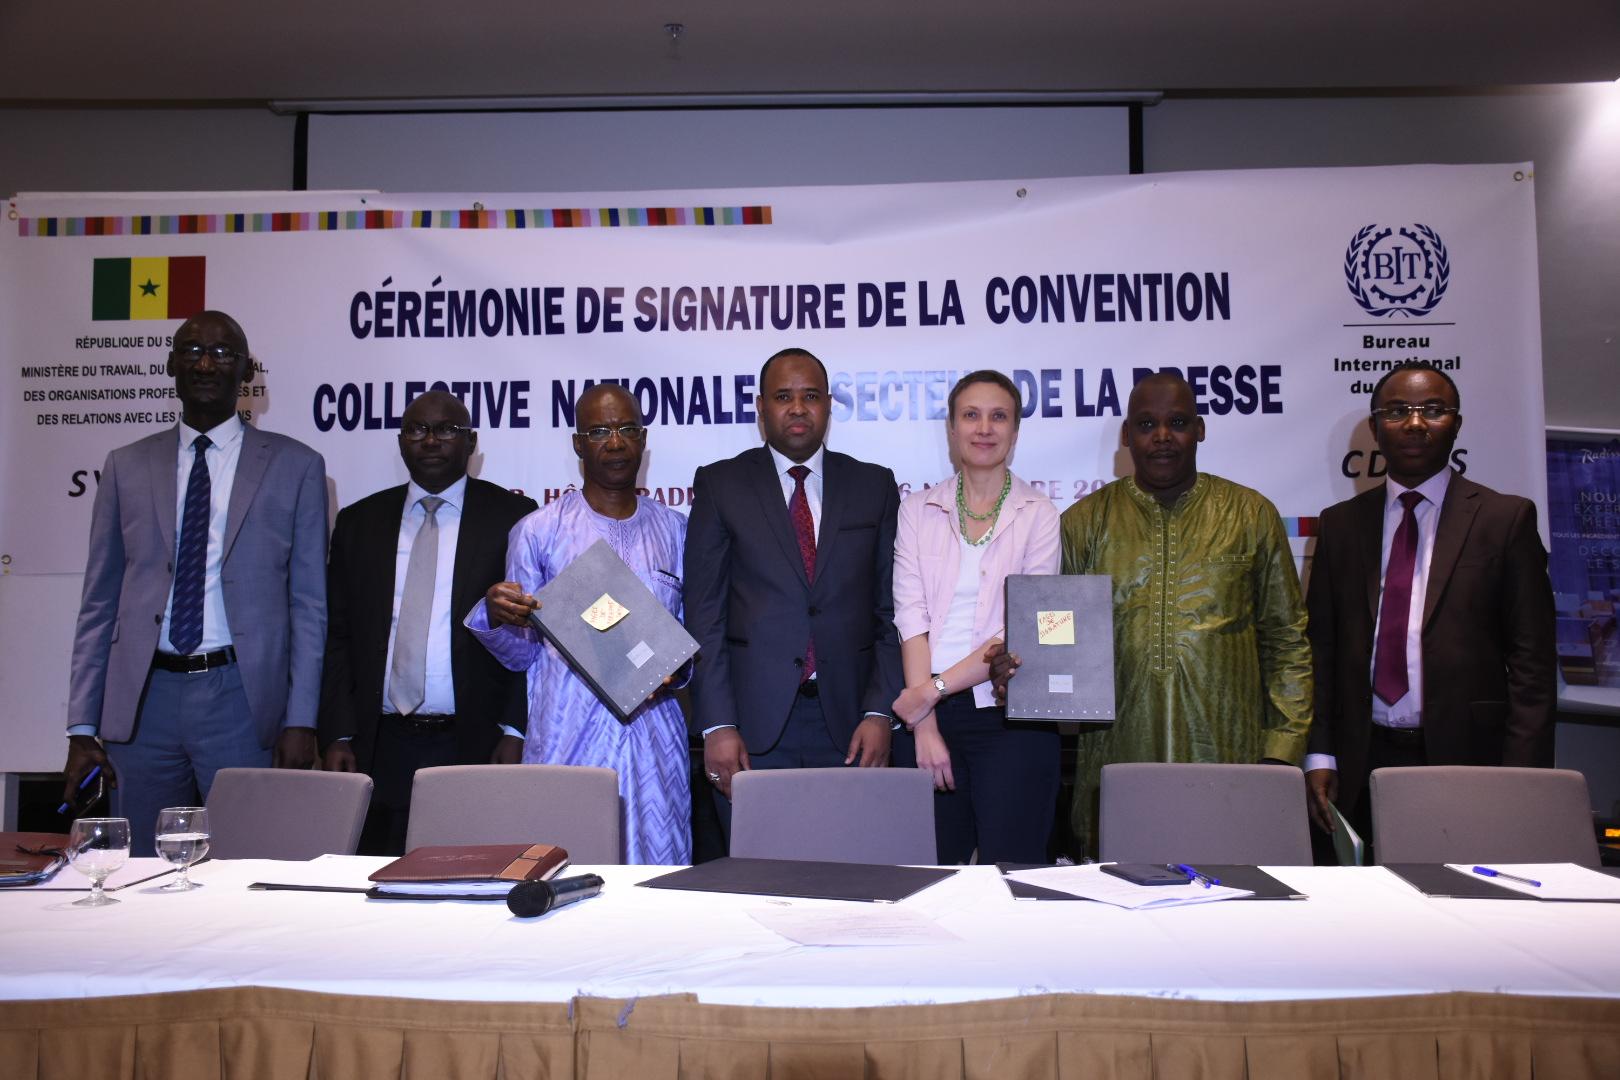 Nouvelle convention collective du secteur de presse : elle sera appliquée dans un délai d'un an (Mamadou Ibra Kane, Président CDEPS)